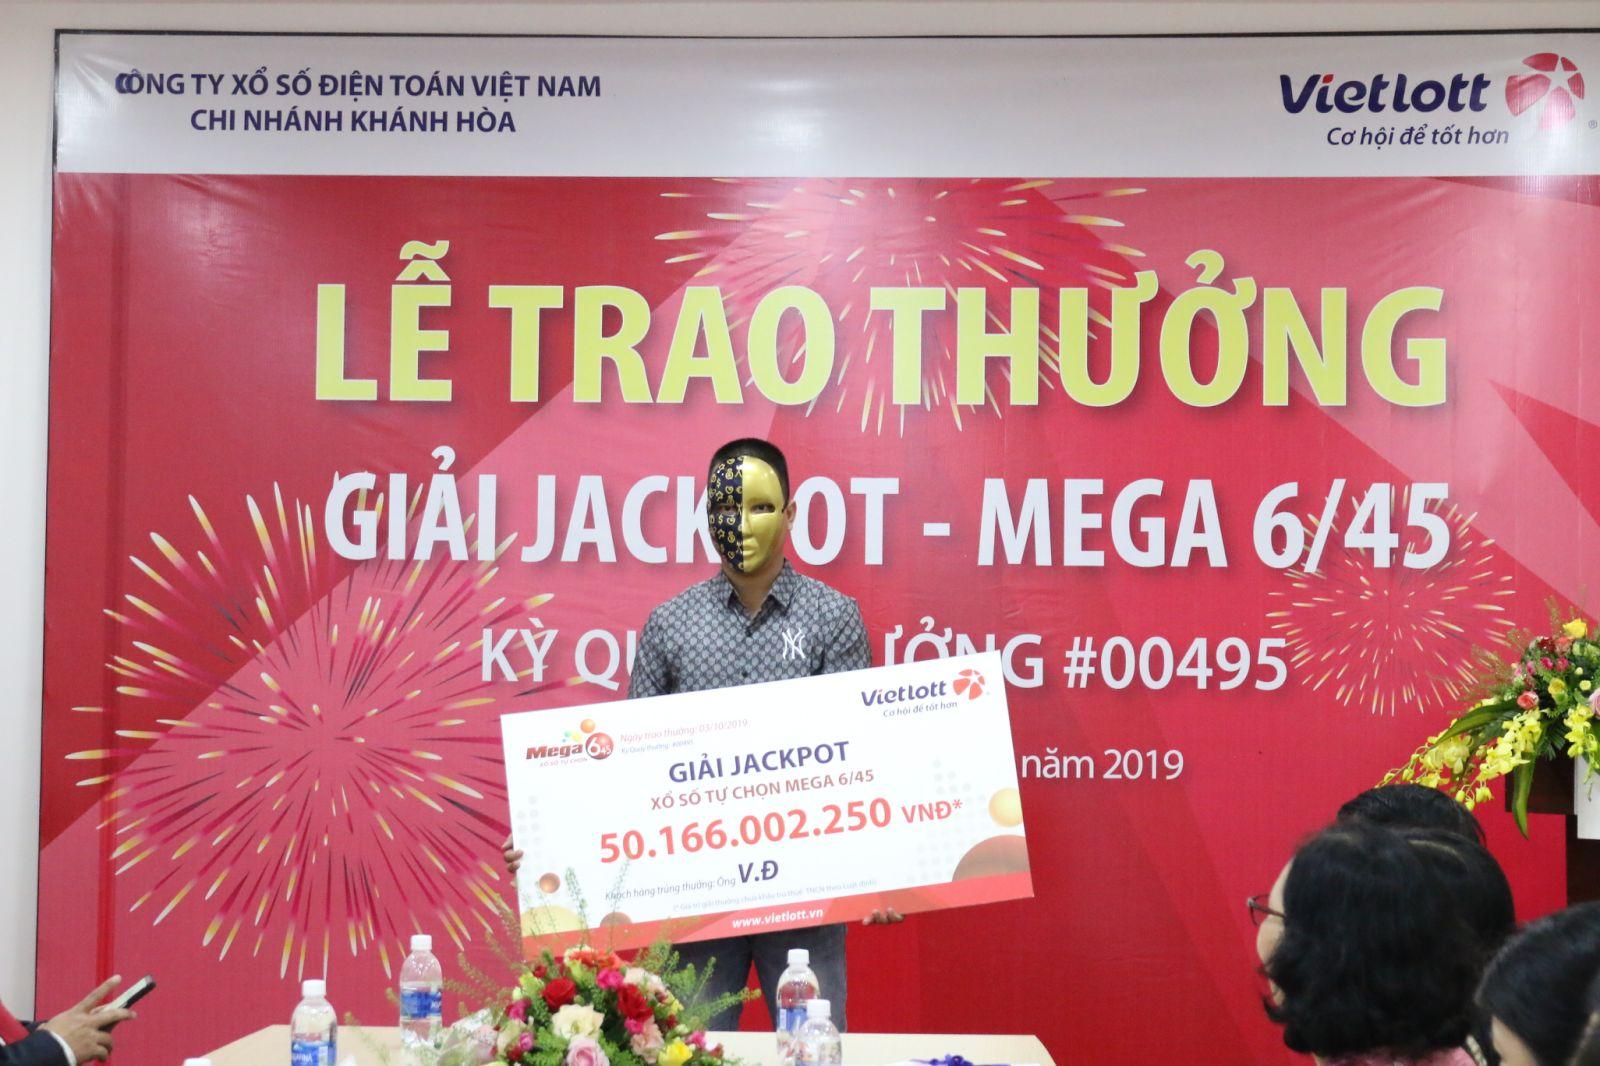 Vietlott trao giải cho khách hàng thứ 2 của giải Jackpot gần 100 tỷ